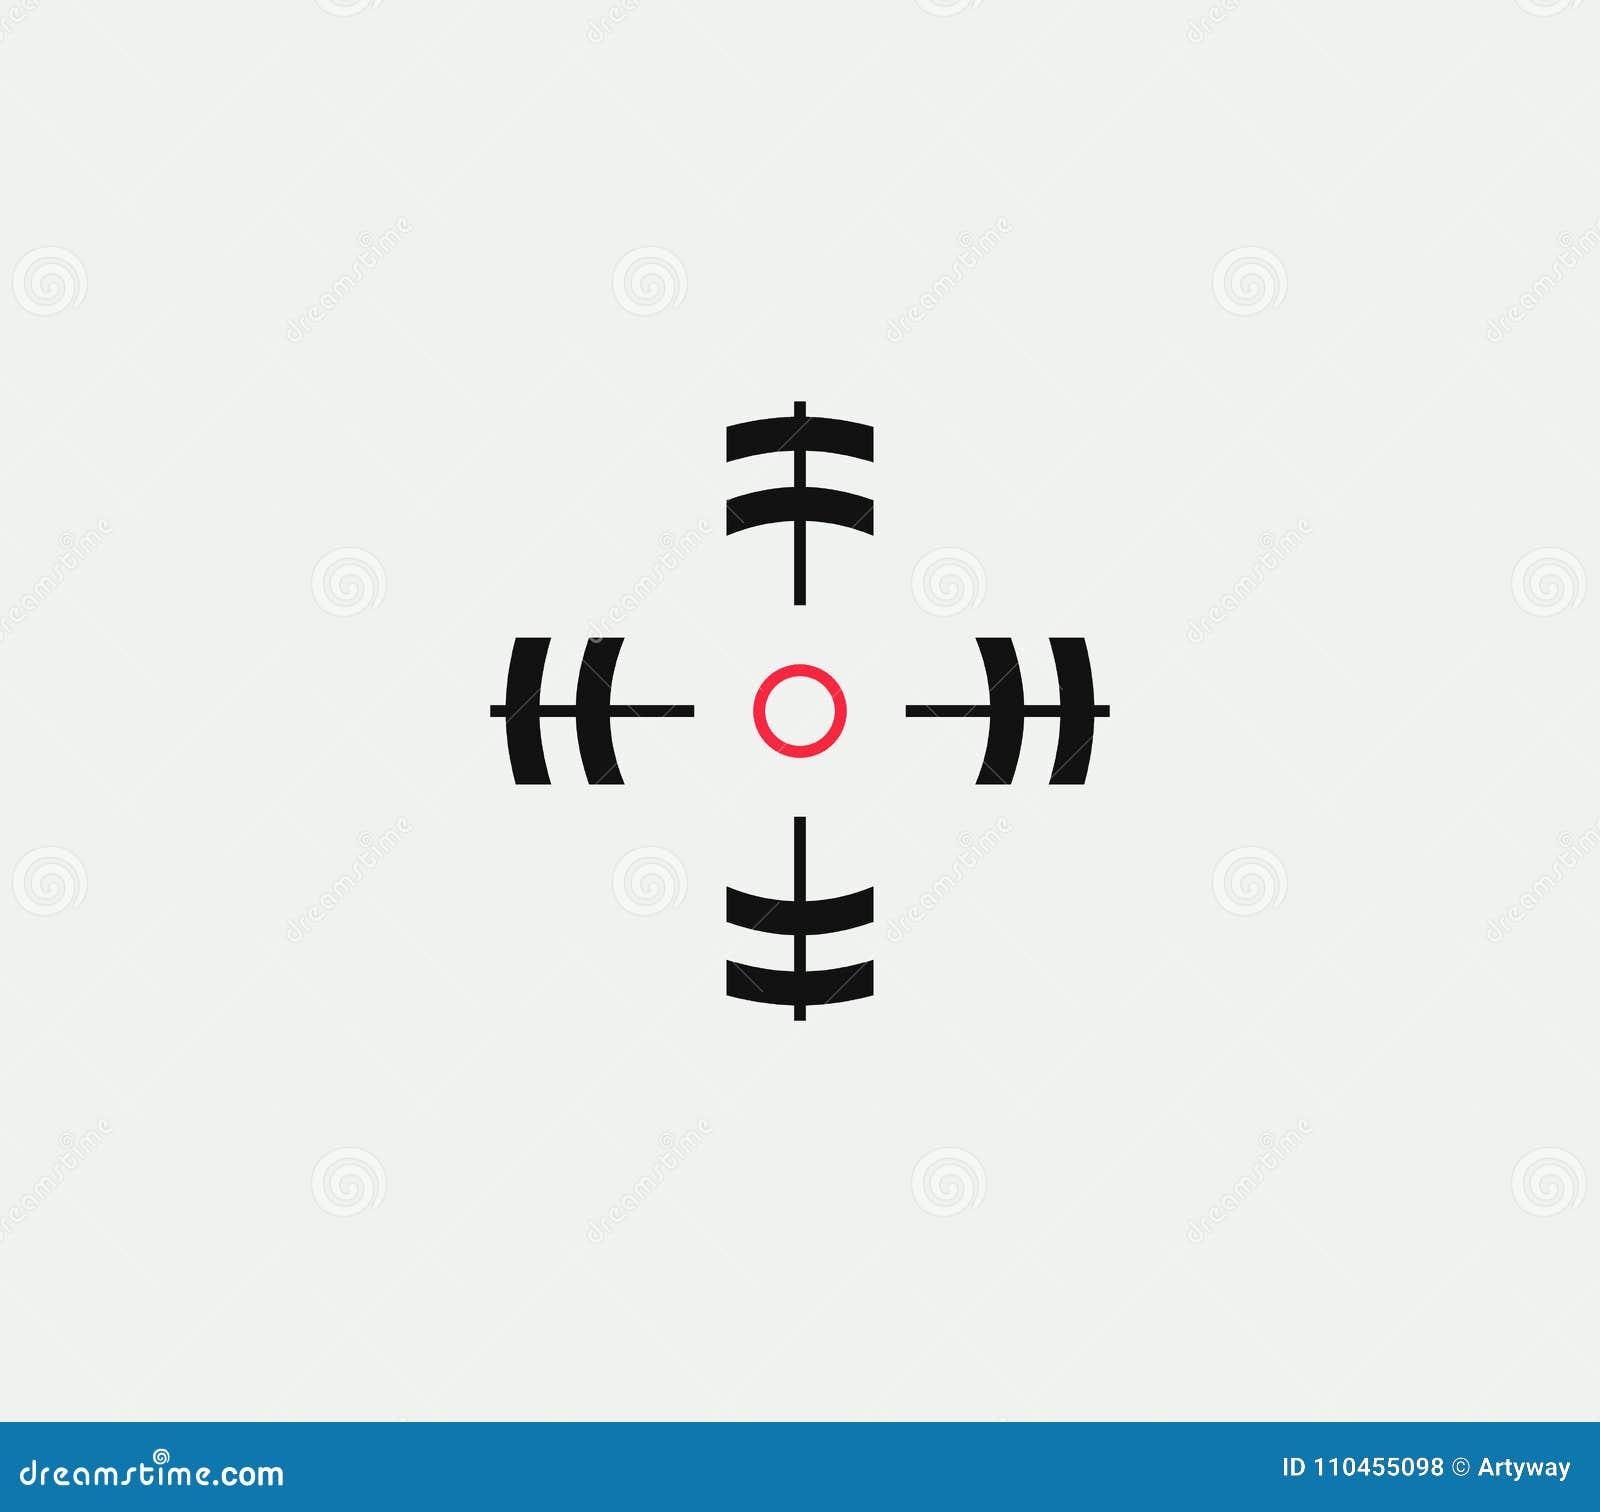 Sikta på den linjära stiliserade symbolen för vektorn, det abstrakta tecknet för målet, målsymbolet, mallen för vapenaffärslogoen